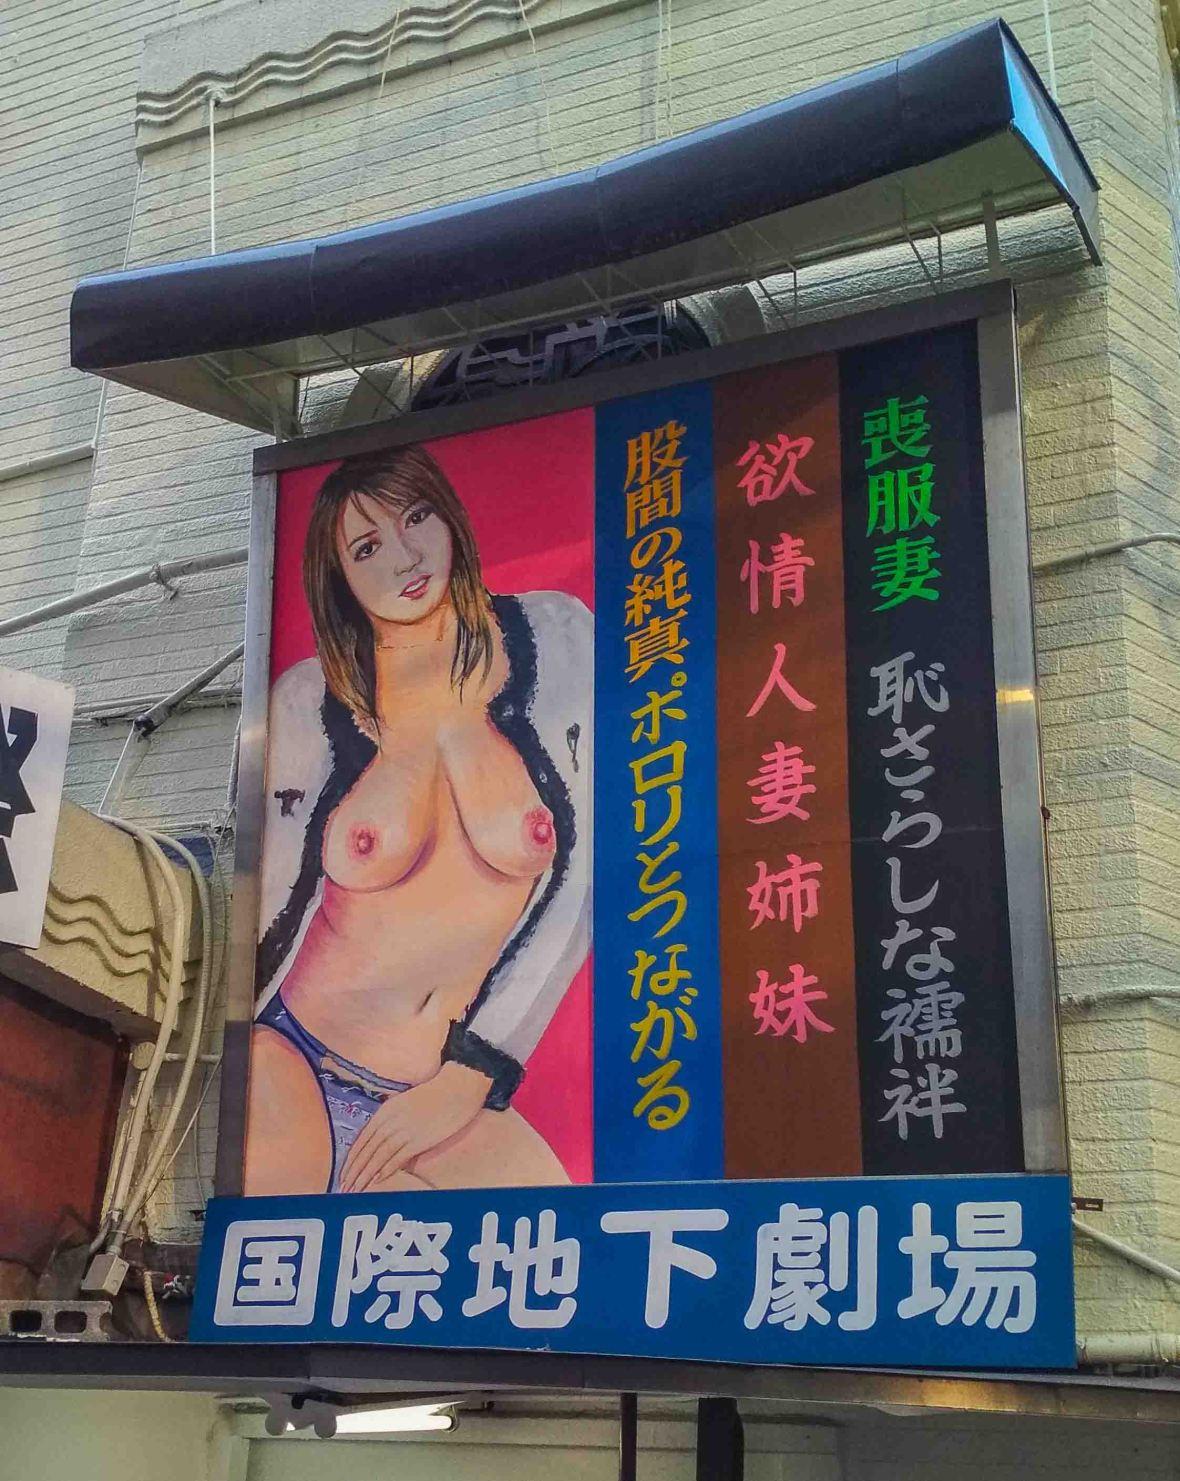 laurent ibanez derrierre la colline le cinema pour adulte du Shin sekai affiche 1